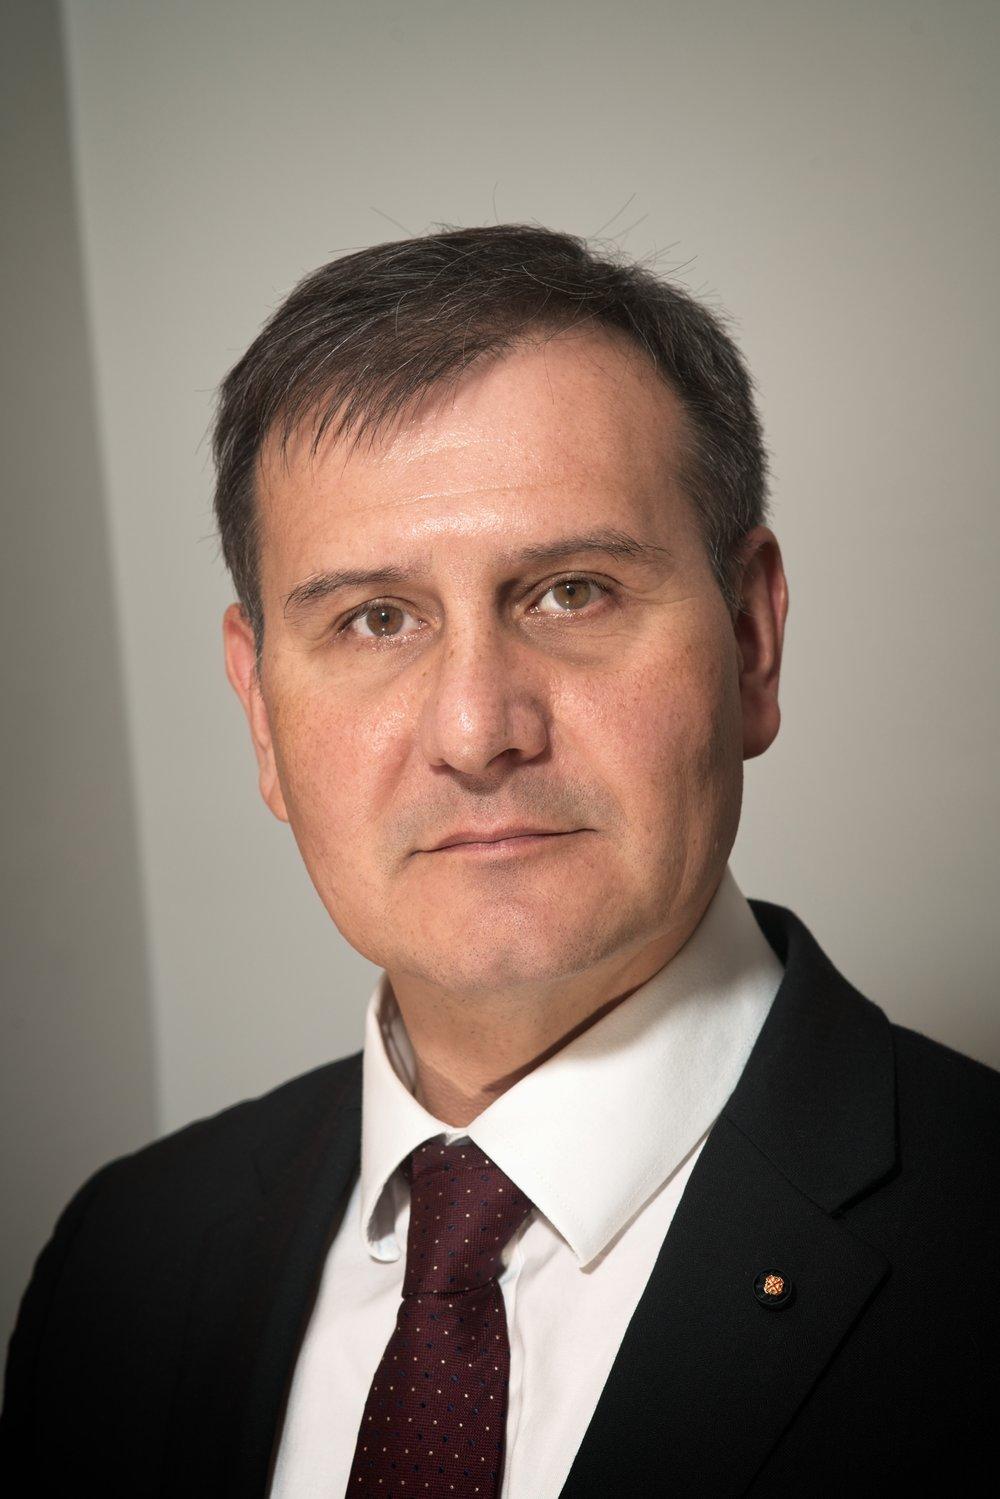 Frode Lundsten KHS, CEO